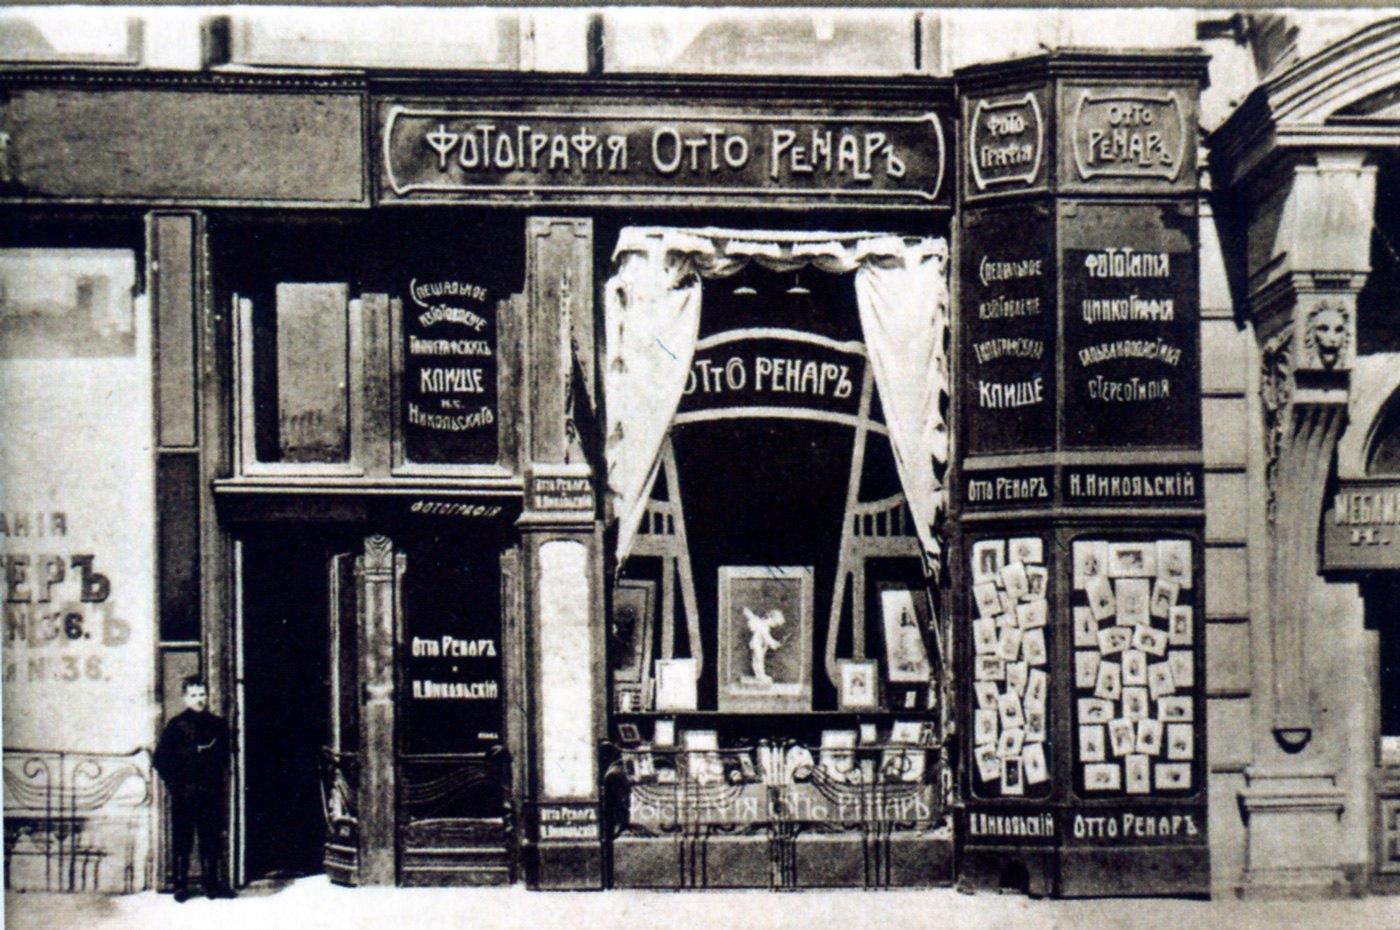 1902. Тверская. Ателье Ренара